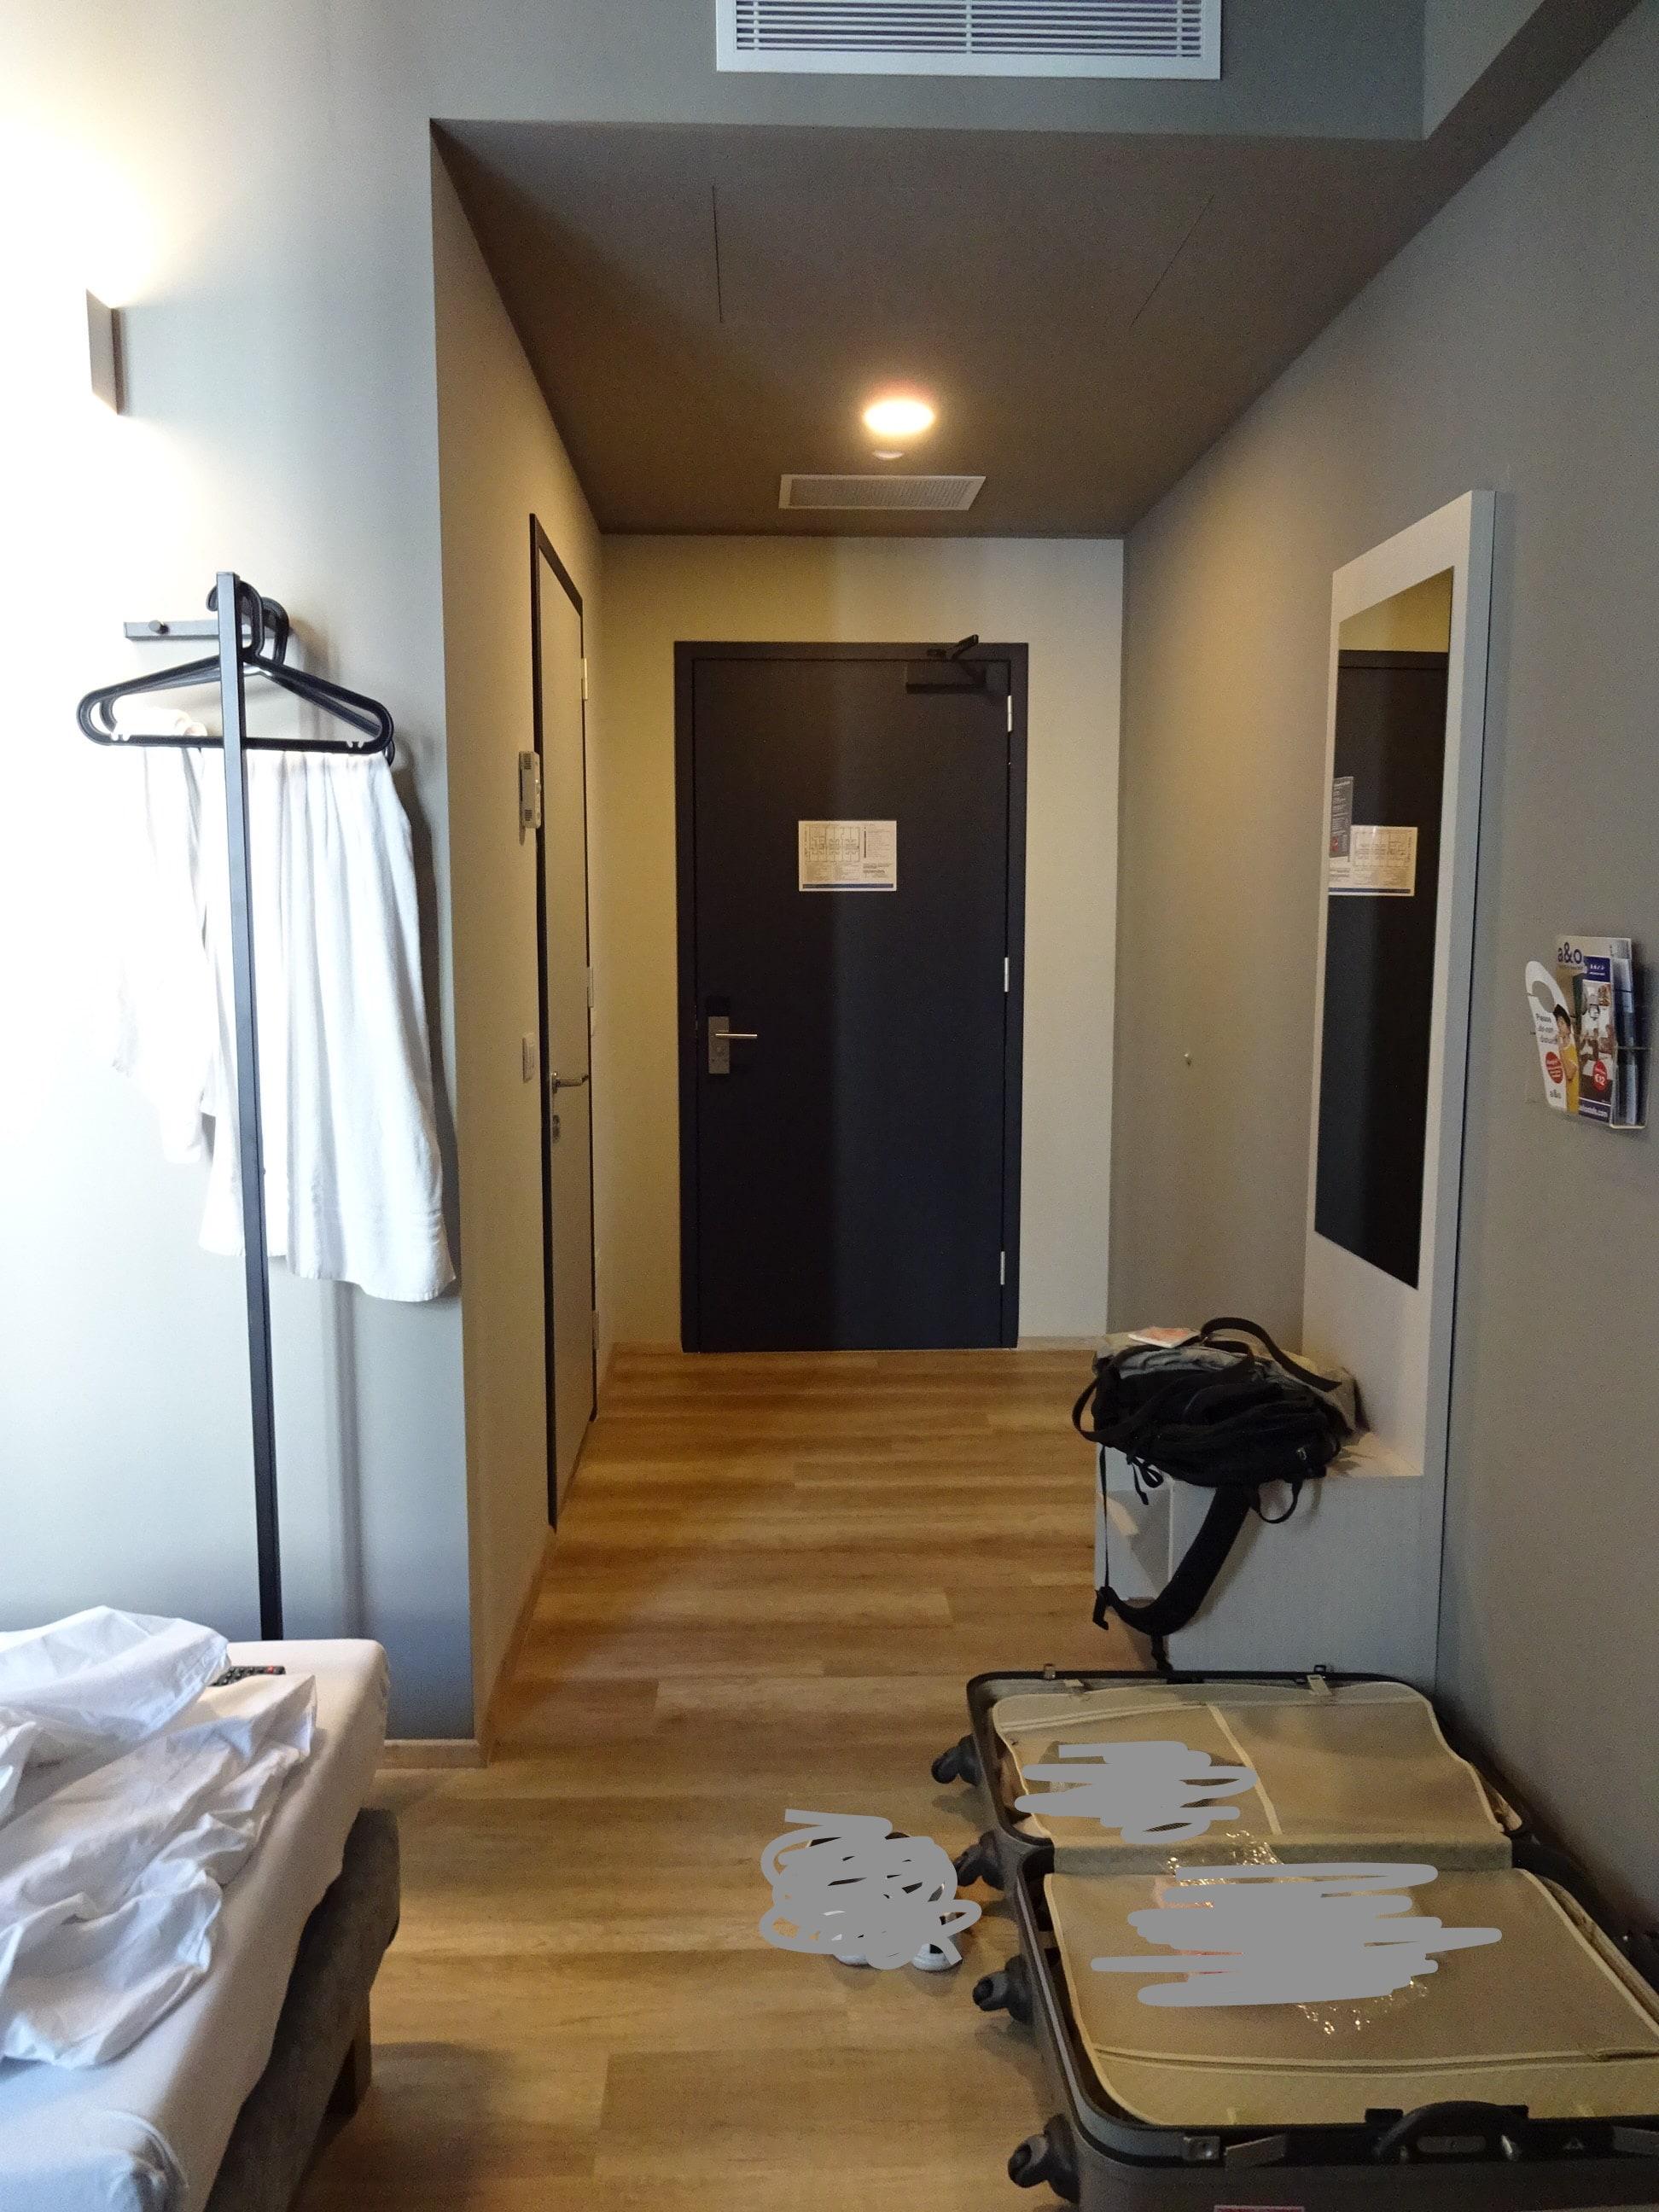 A&Oホテル&ホステル メストレ  部屋の中